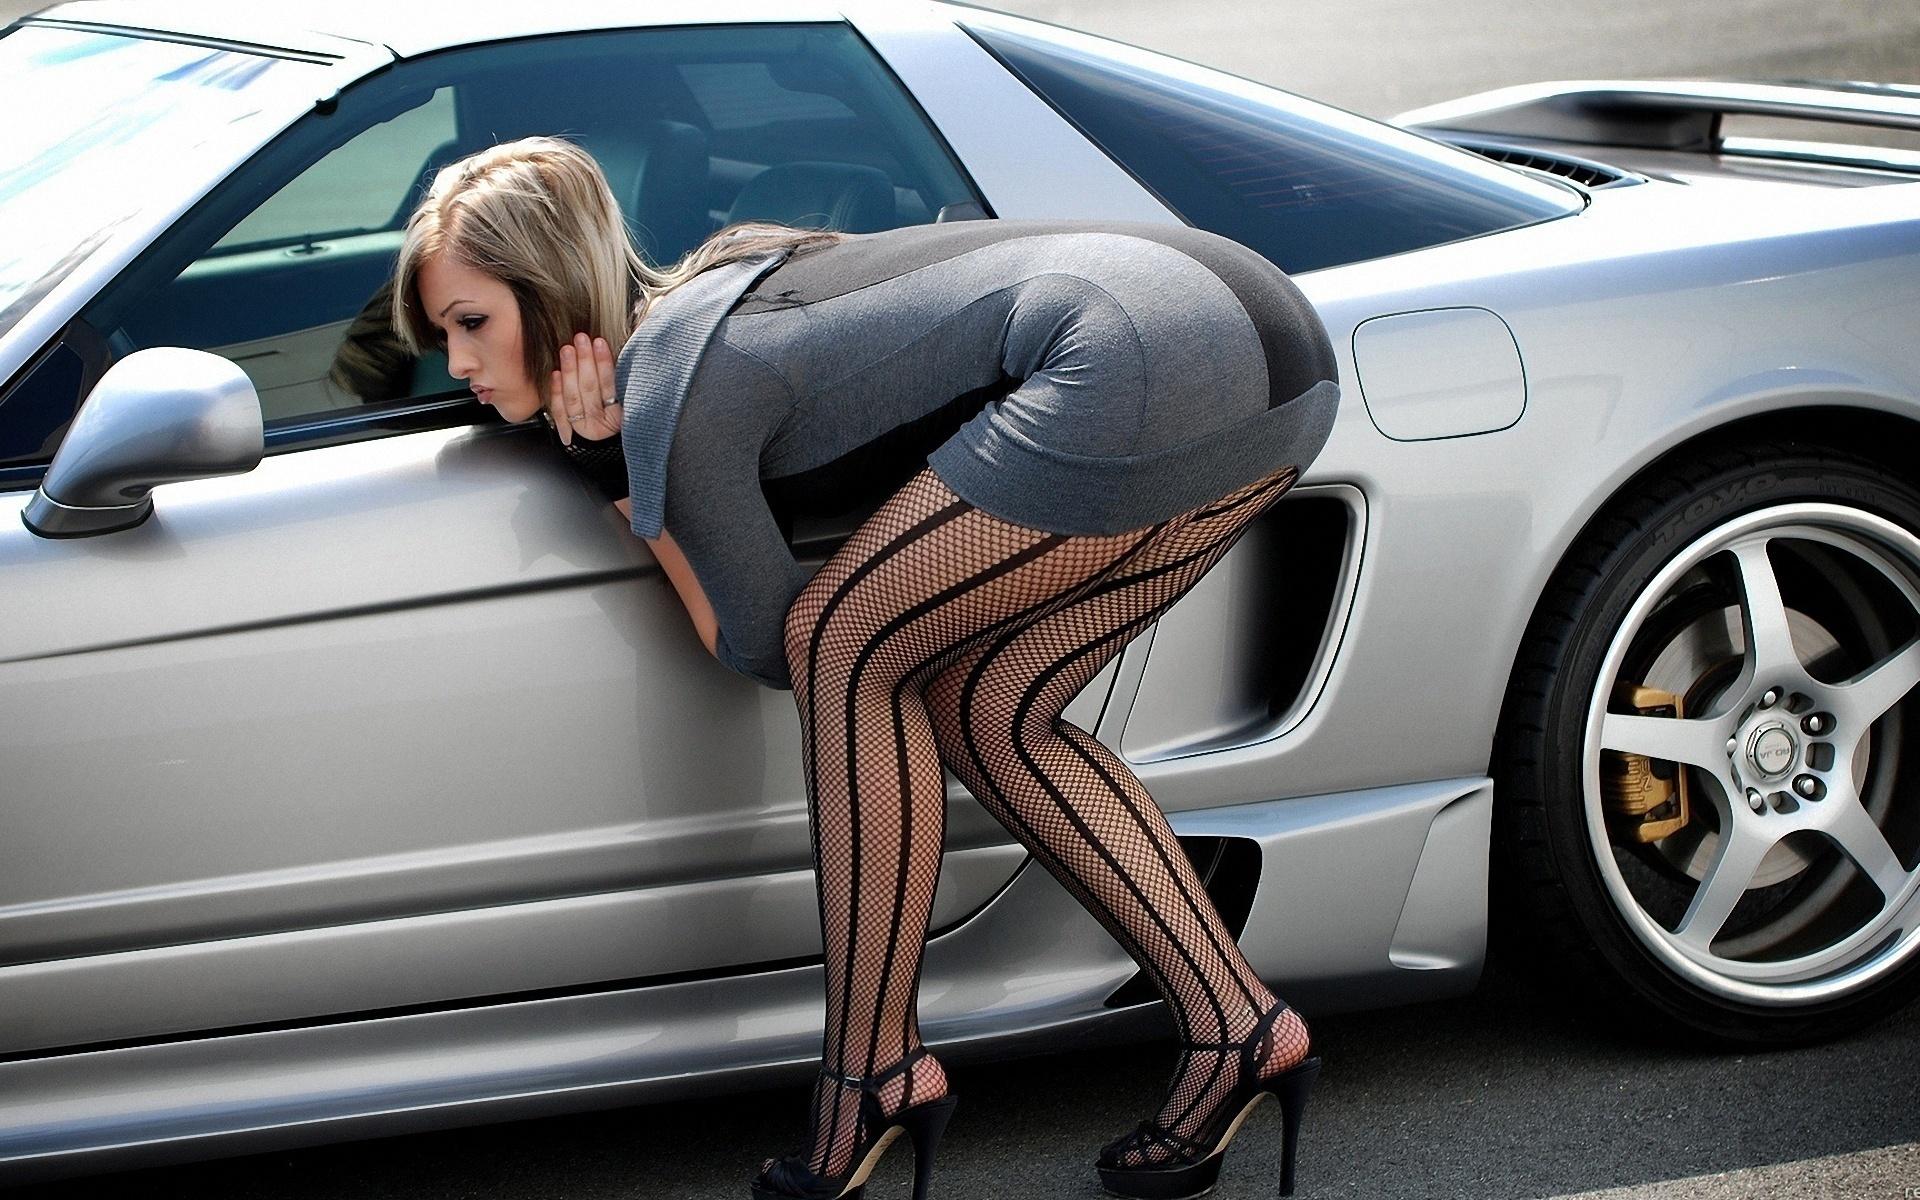 Рассказ я показал член из машины, Рассказ секса в машине- Трахнул меня прямо в машине 26 фотография